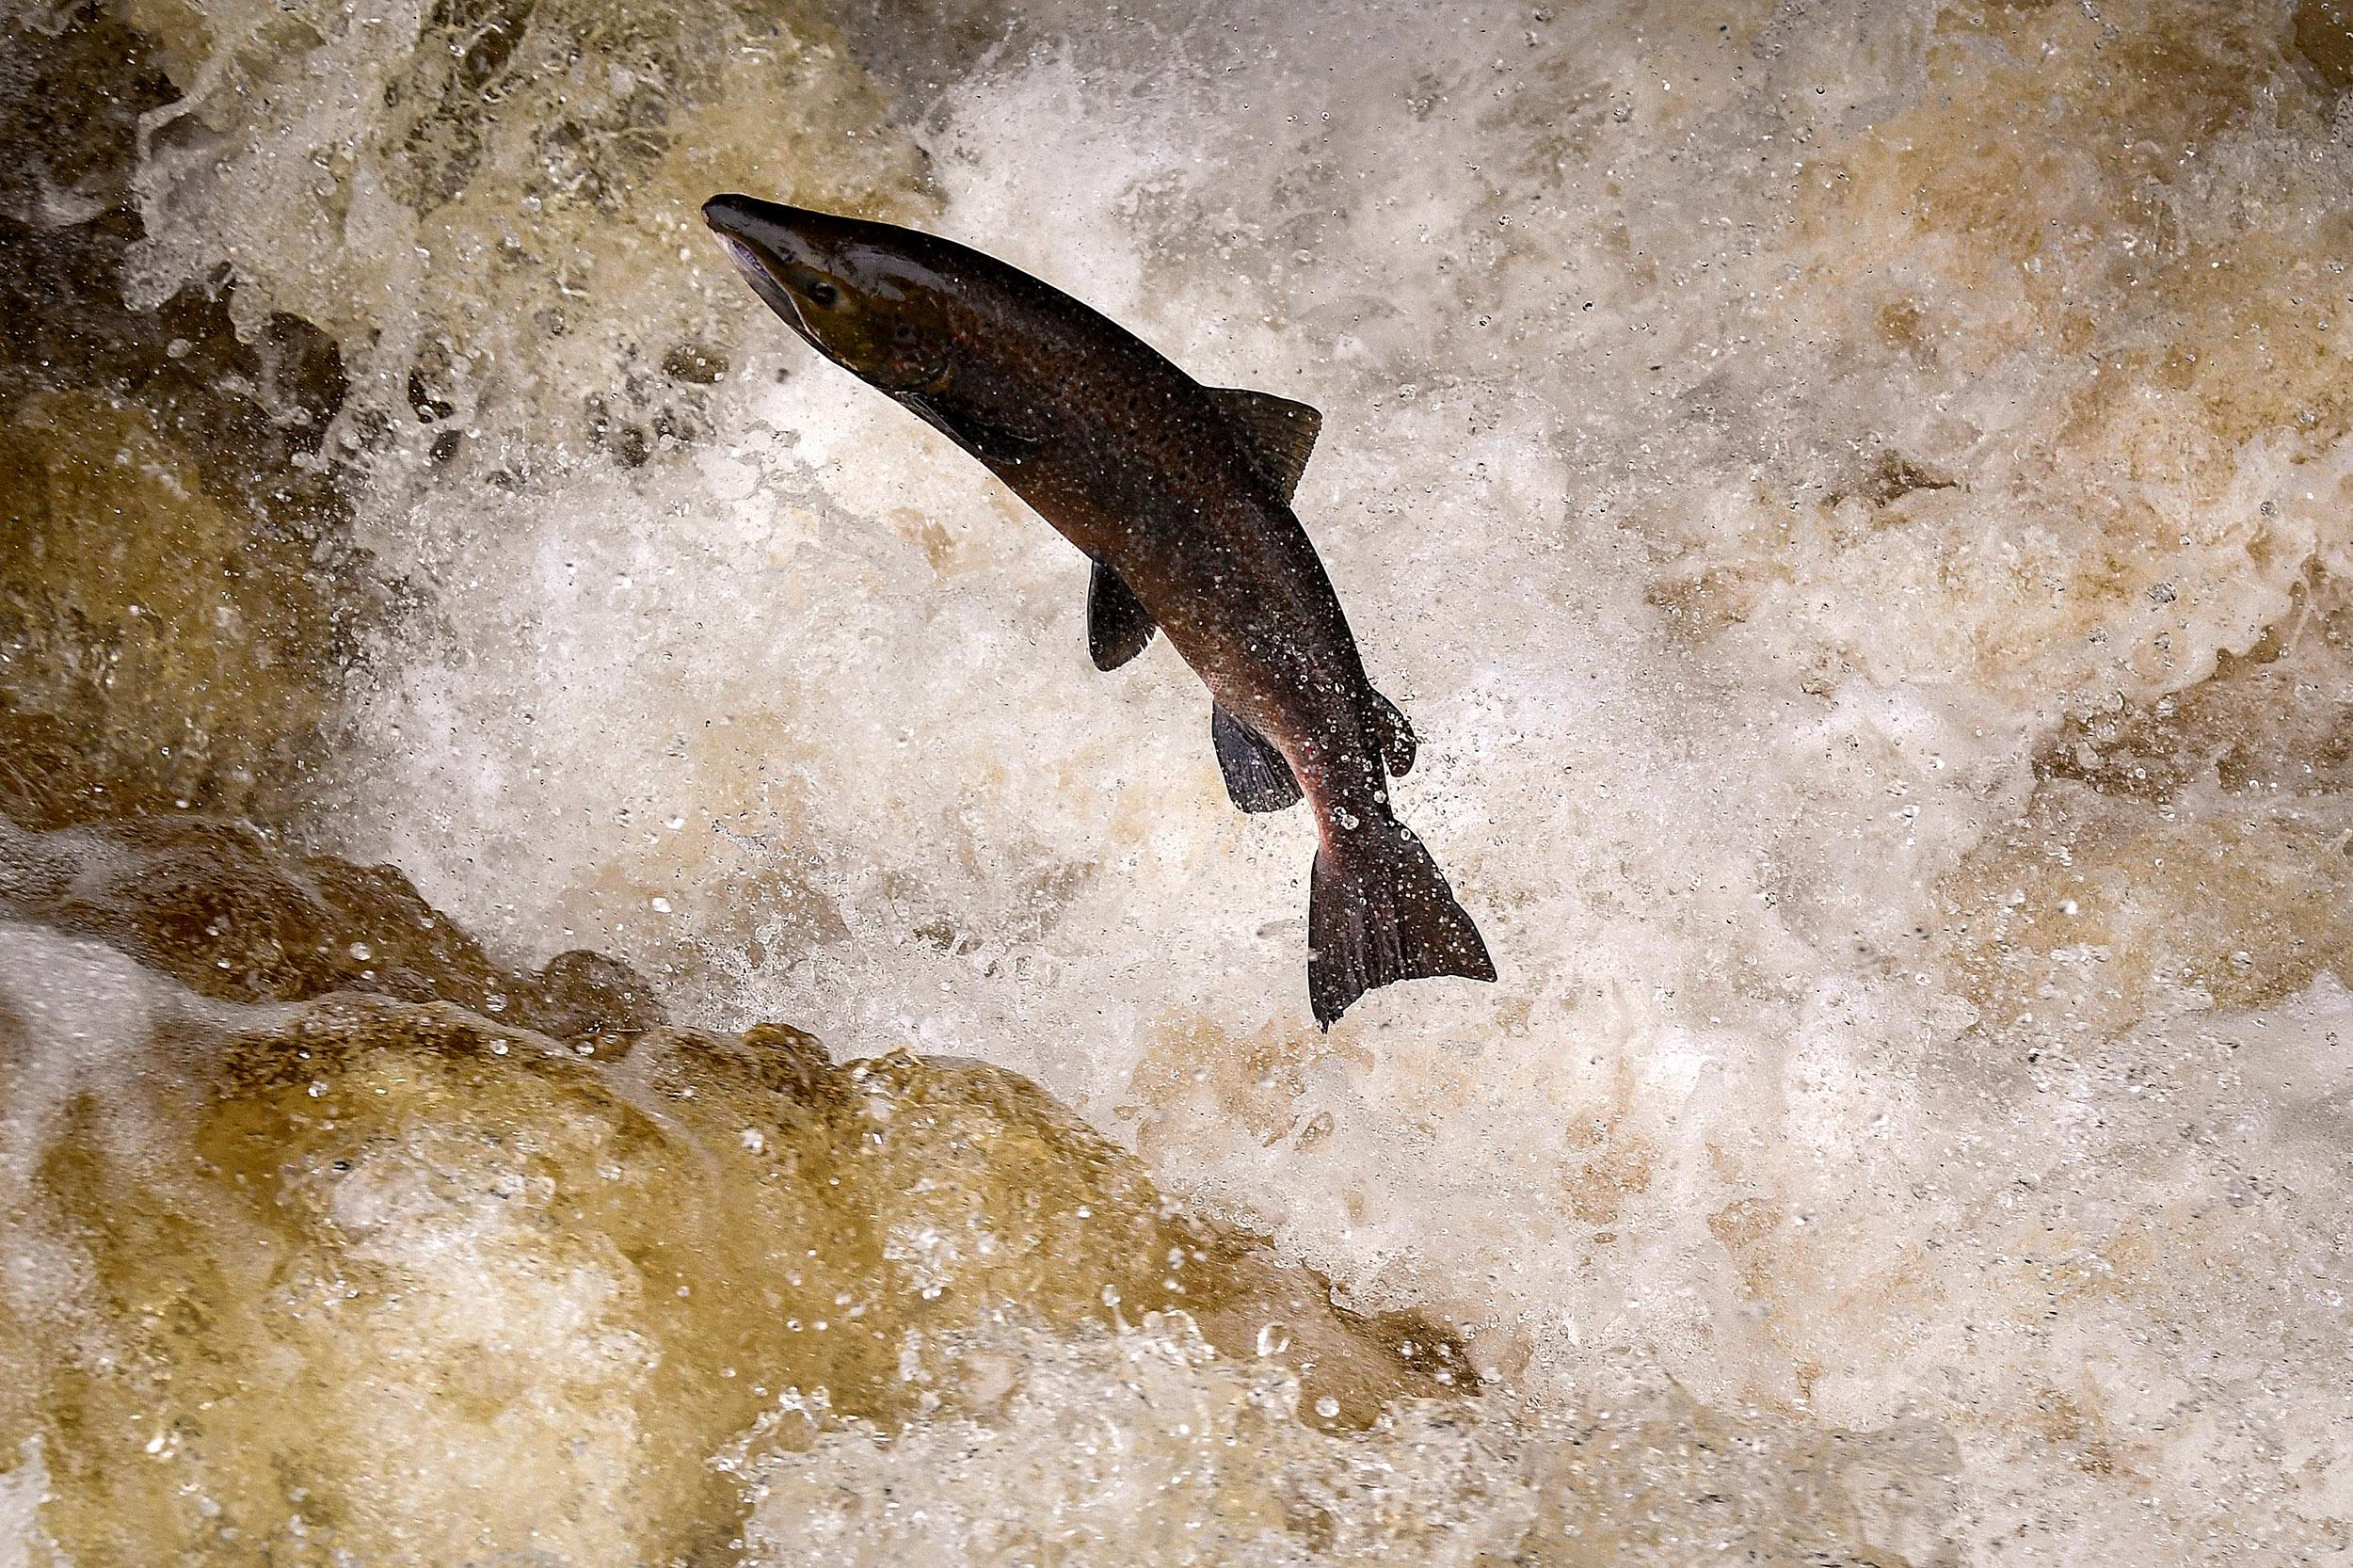 210223-freshwater-fish-mc-9572_6ebe44d3d